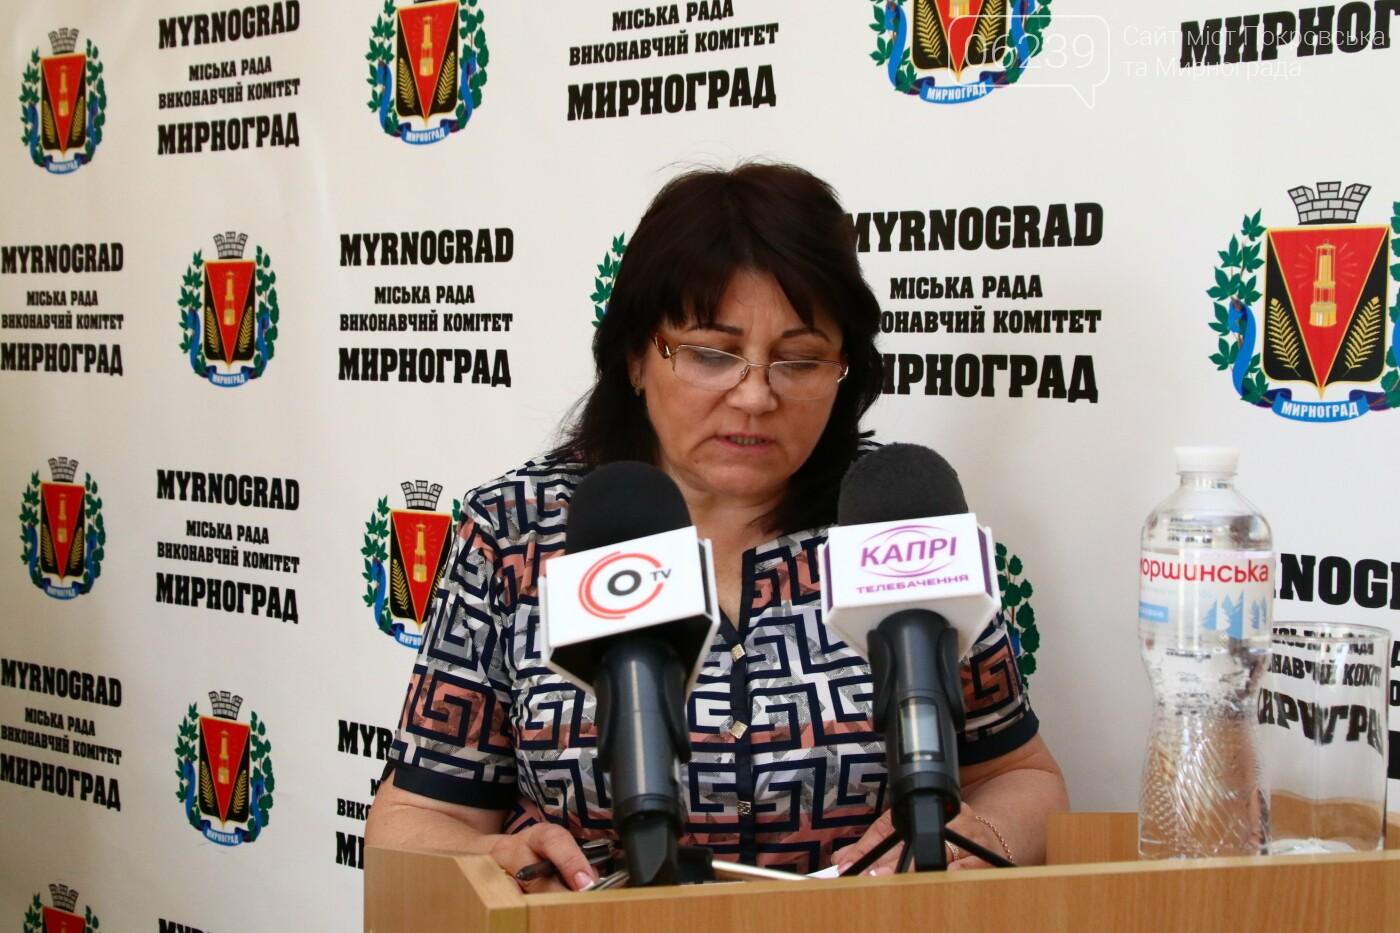 Вопросы благоустройства города и местного бюджета: в Мирнограде состоялась сессия городского совета, фото-12